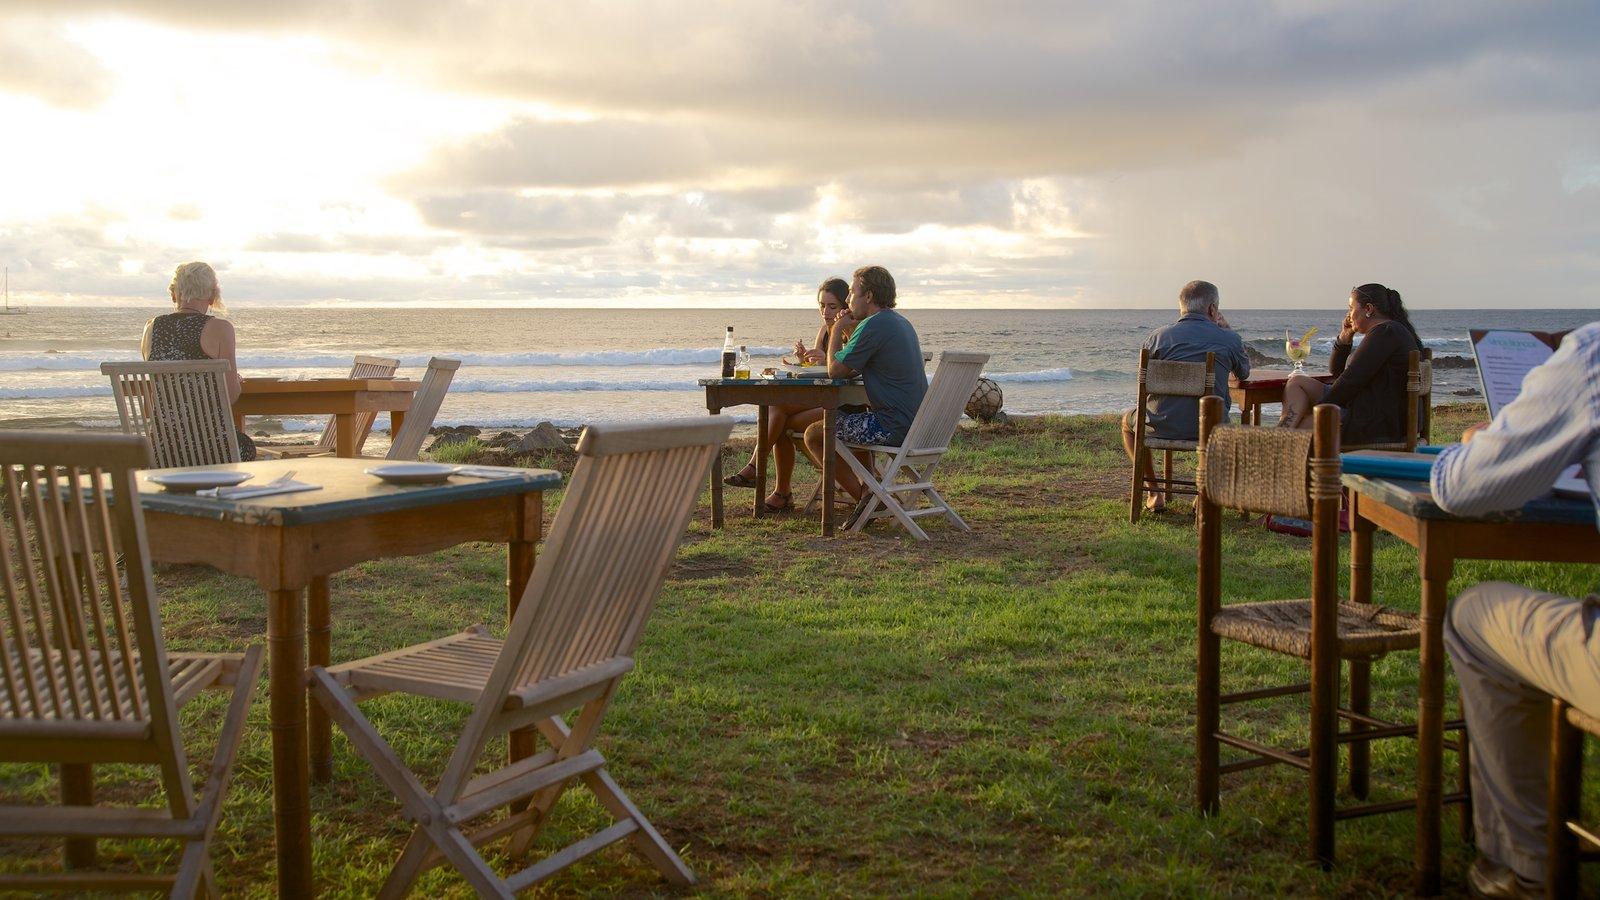 Hanga Roa mostrando vistas generales de la costa, comer al aire libre y una puesta de sol